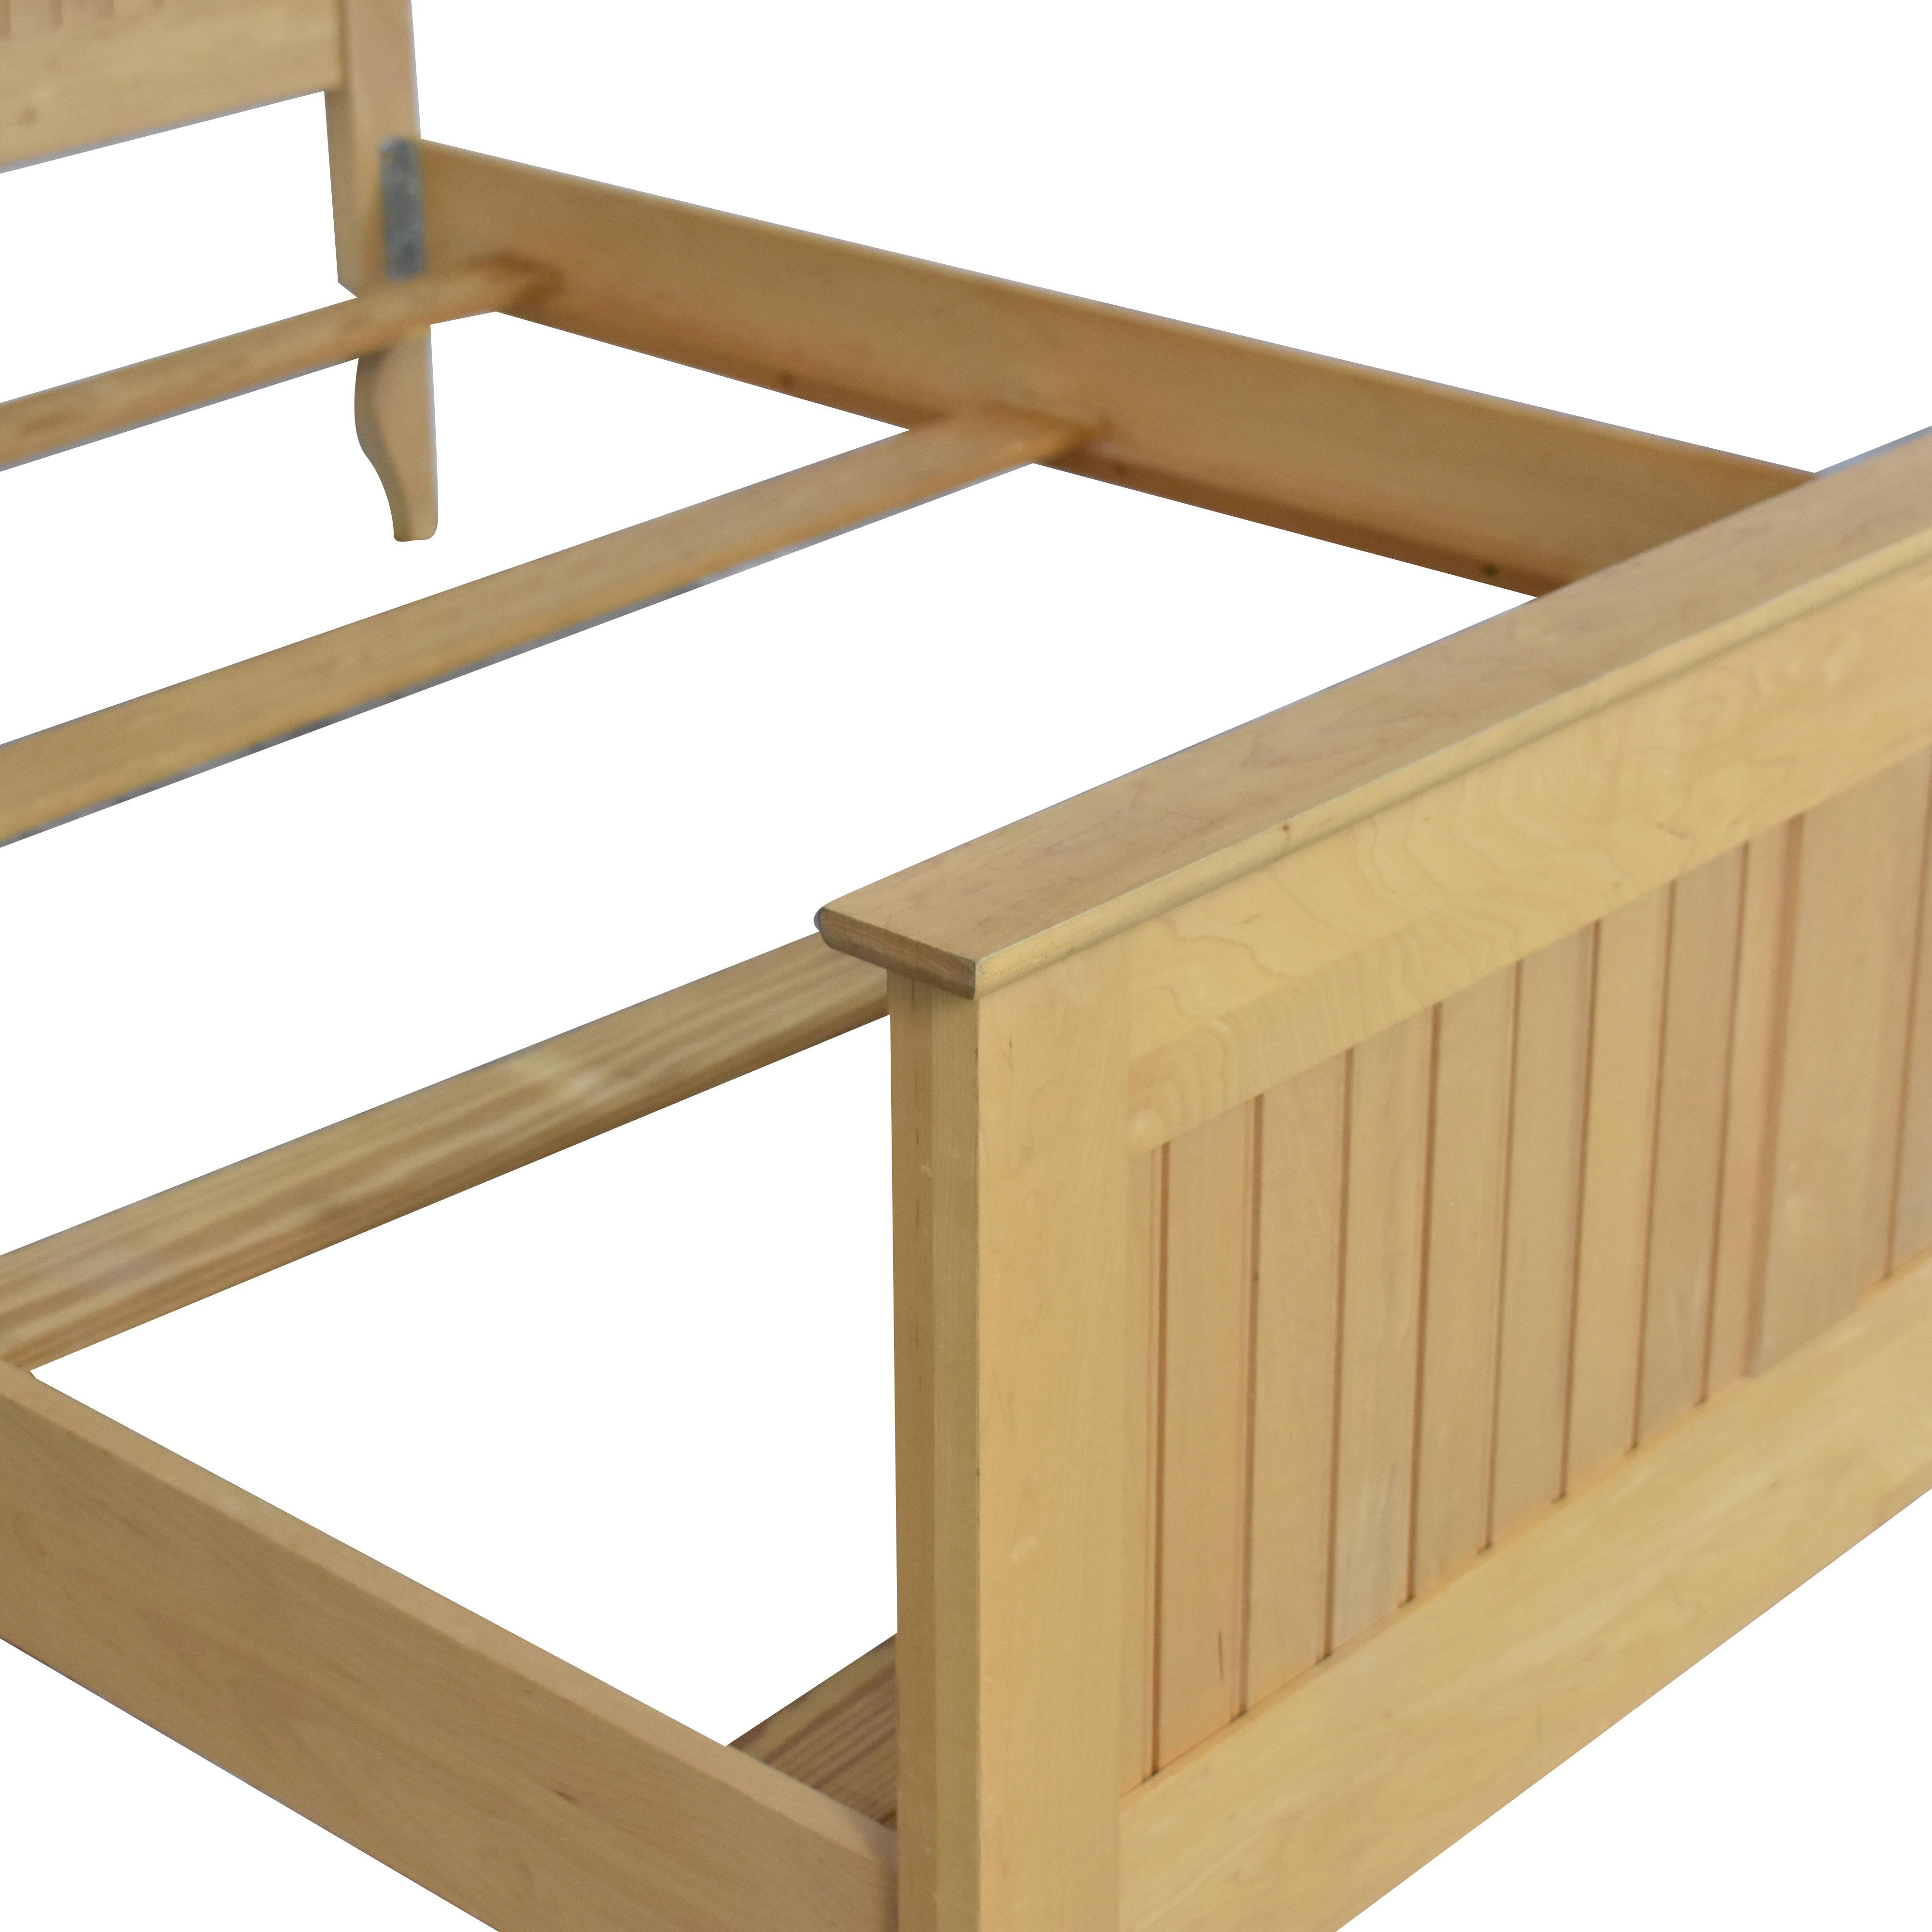 Crate & Barrel Crate & Barrel Wooden Queen Bed dimensions